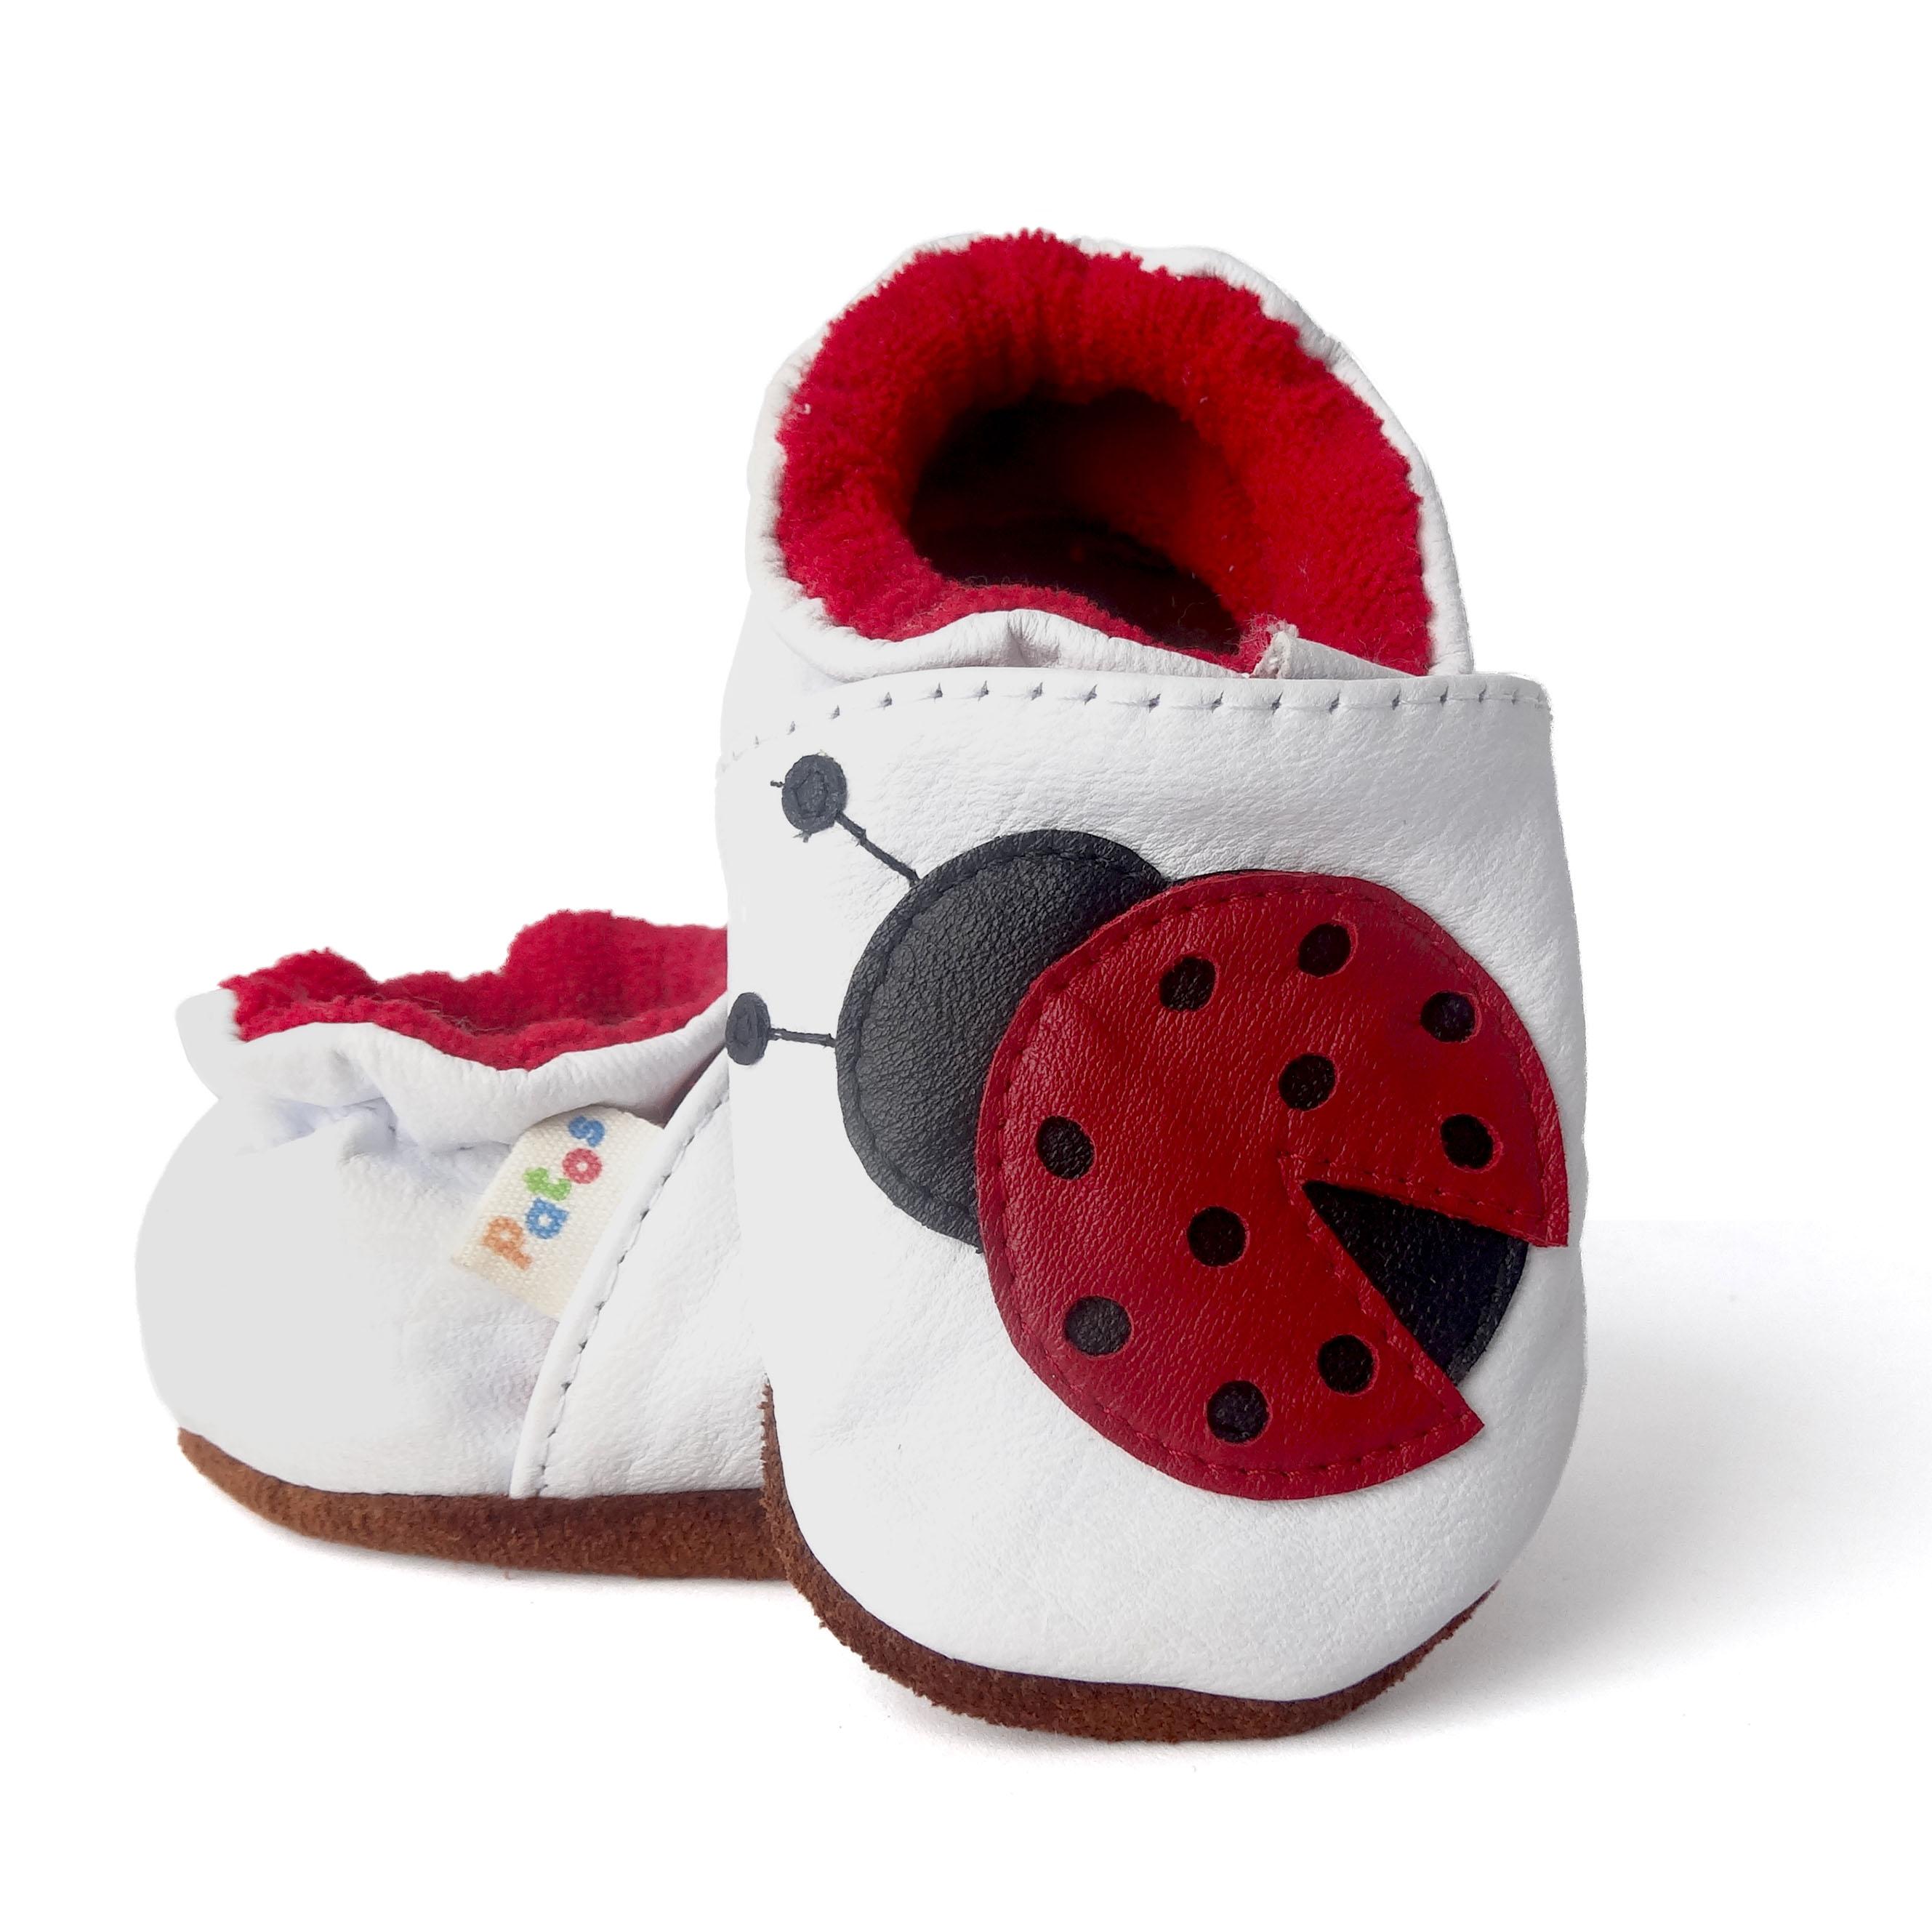 5e3600f1e Zapatos para bebés recién nacidos - Patos Zapatos